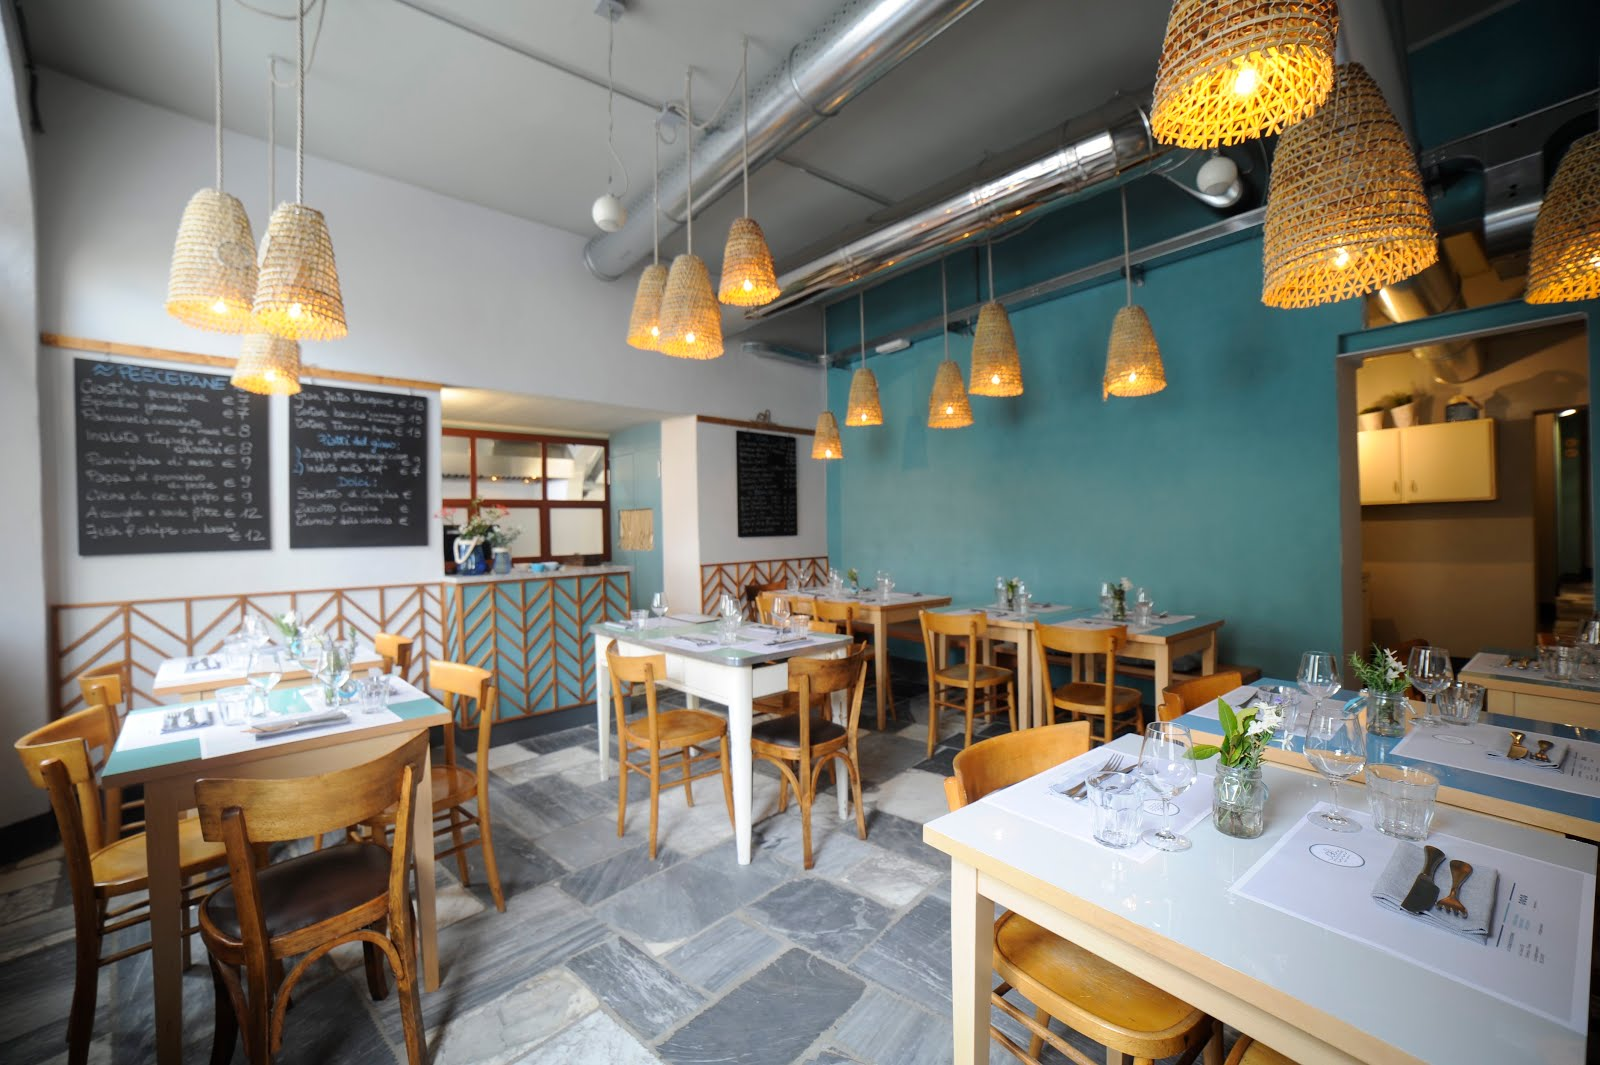 Corriere del web a firenze apre la cucina di pescepane for Cucina casa mare